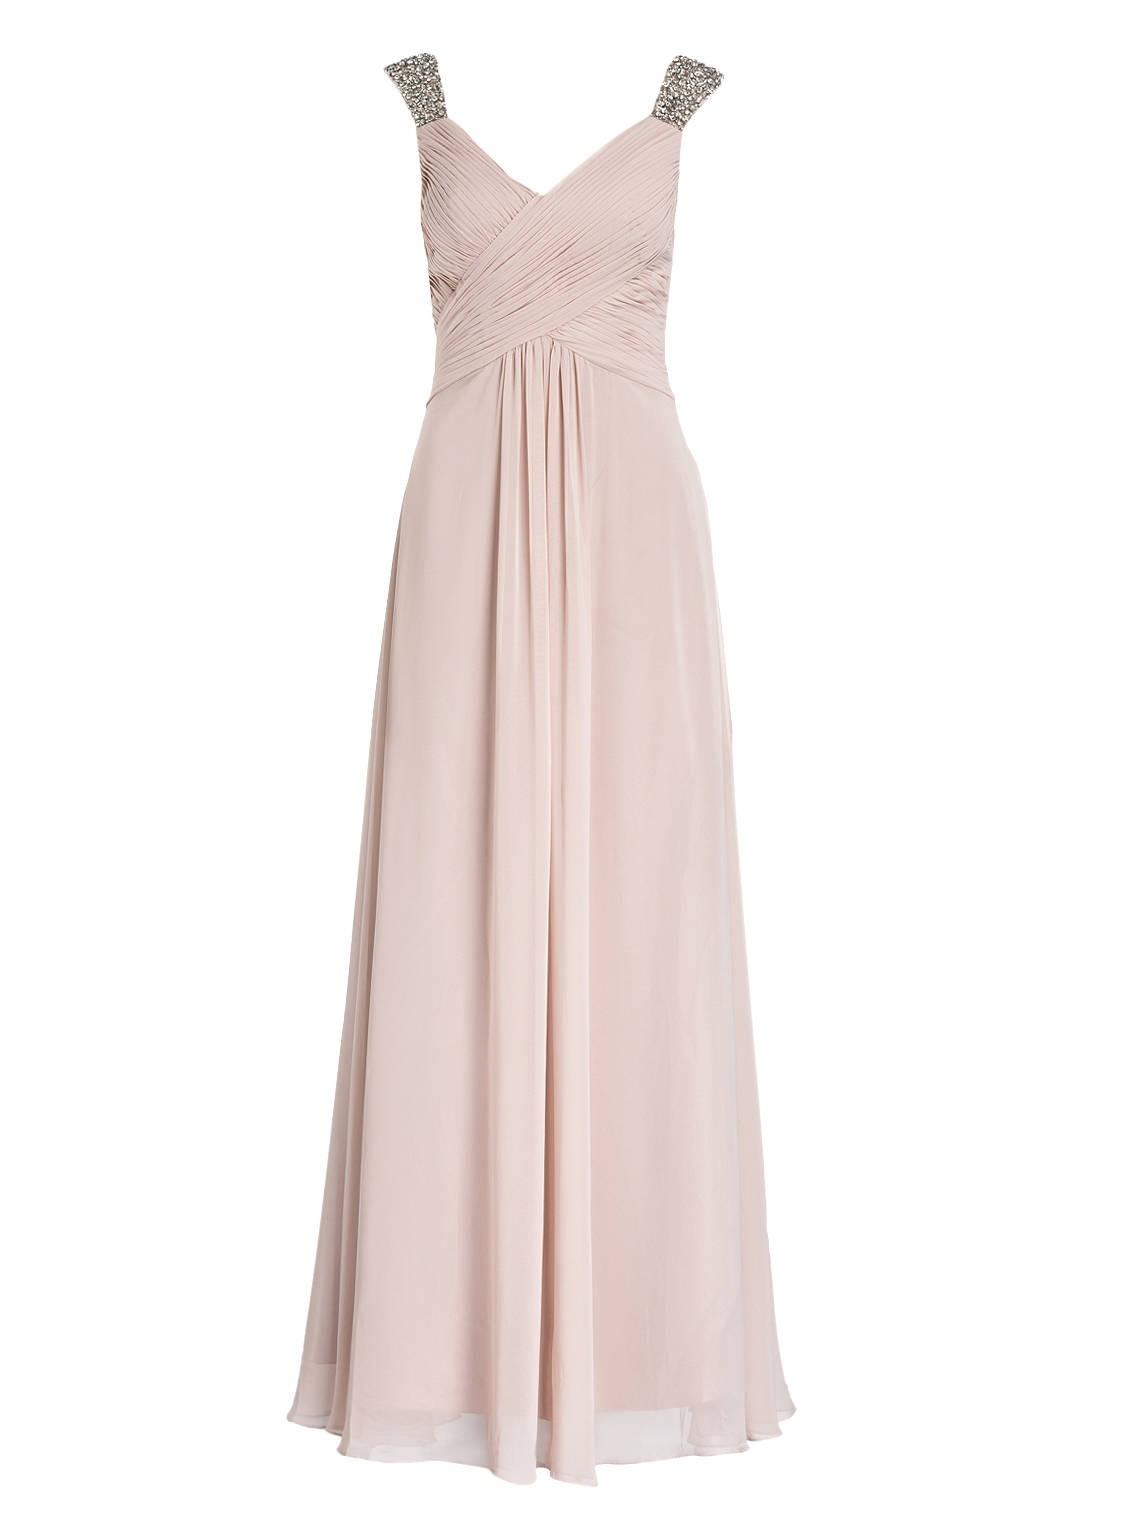 15 Wunderbar Damen Kleider Abendkleid VertriebAbend Top Damen Kleider Abendkleid Spezialgebiet